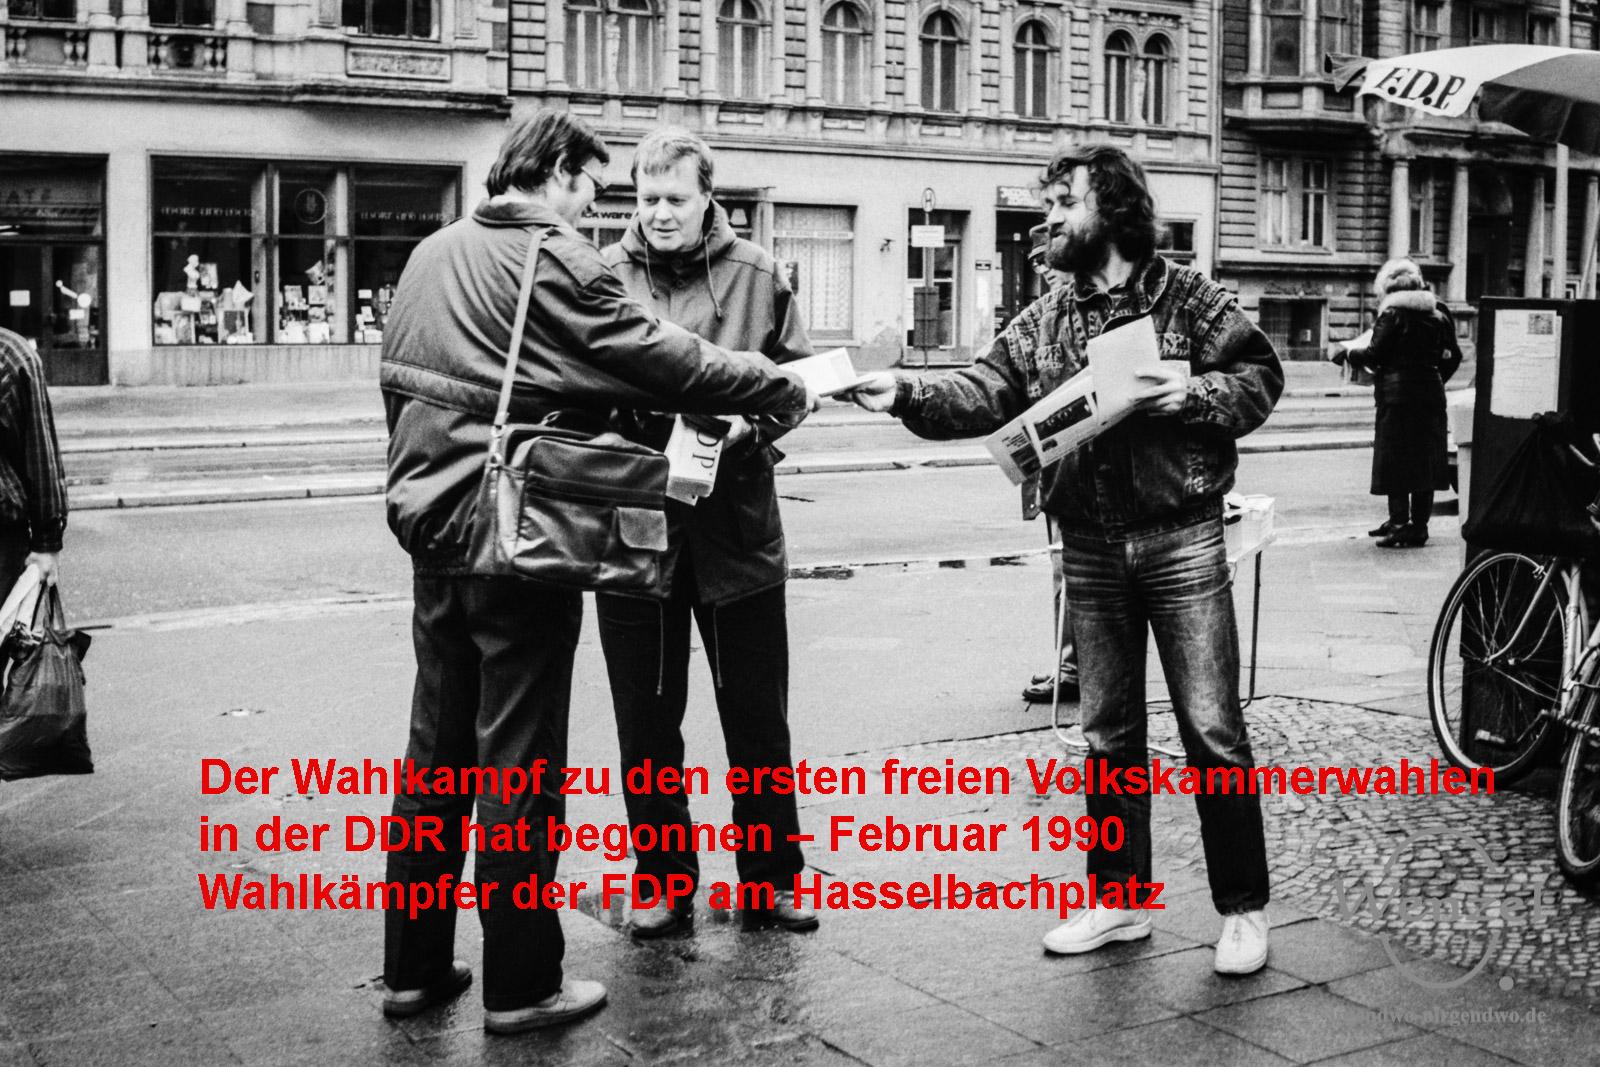 Wahlkampf - Magdeburg März 1990